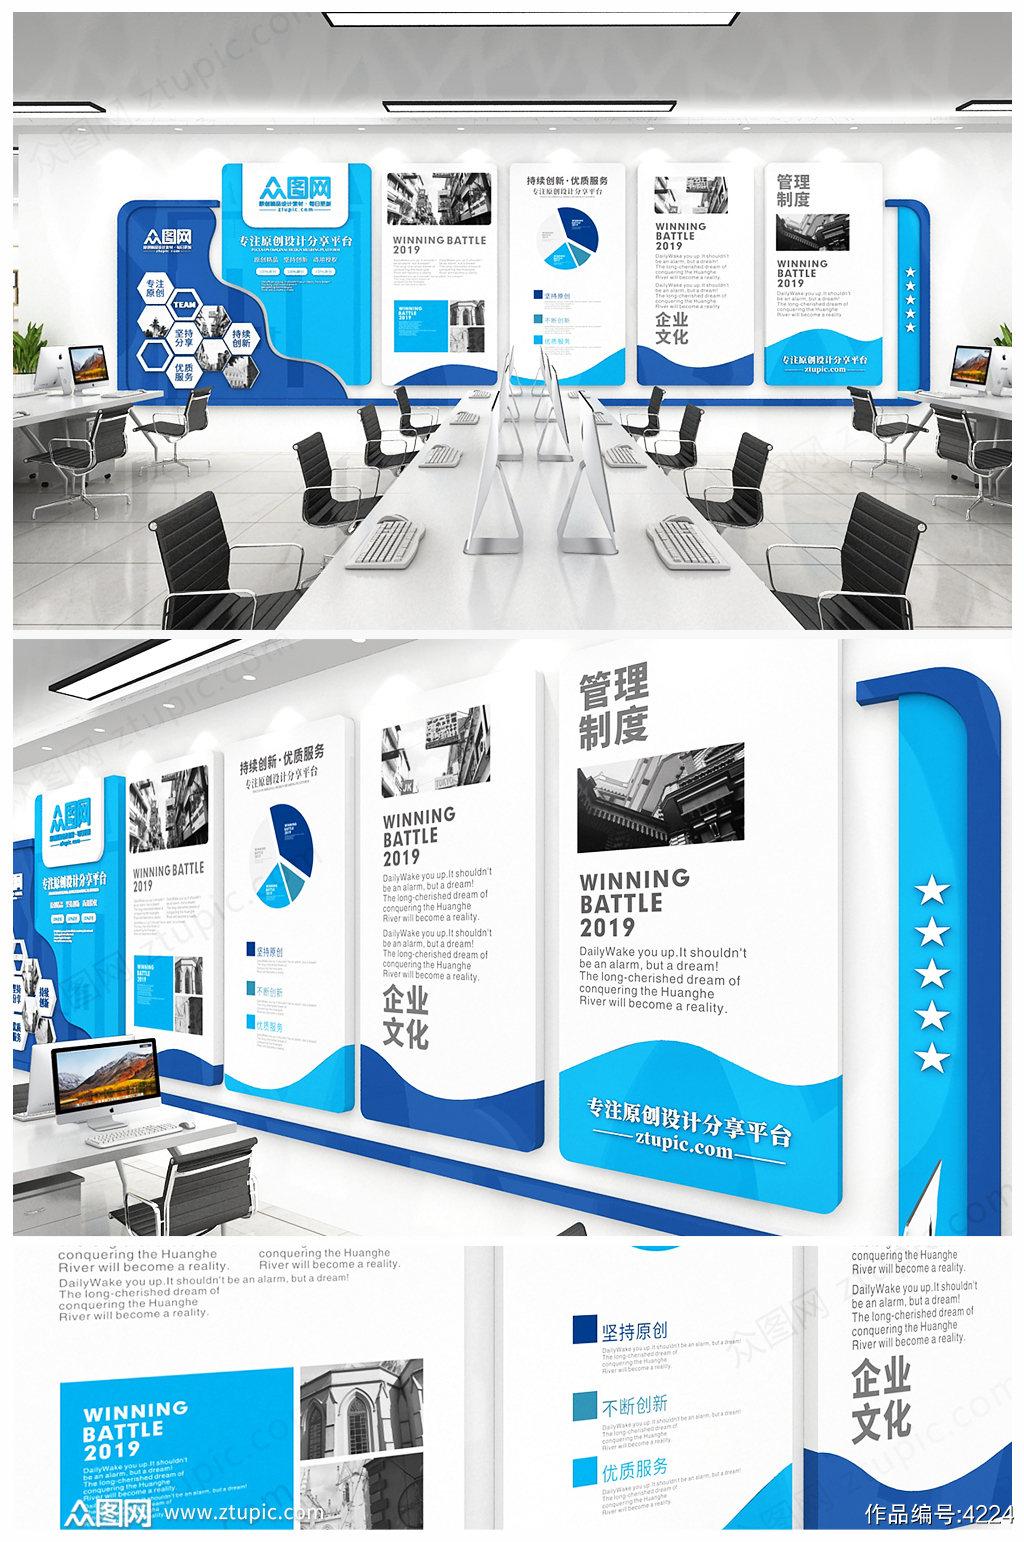 简约蓝色企业文化企业会议室文化墙设计图素材